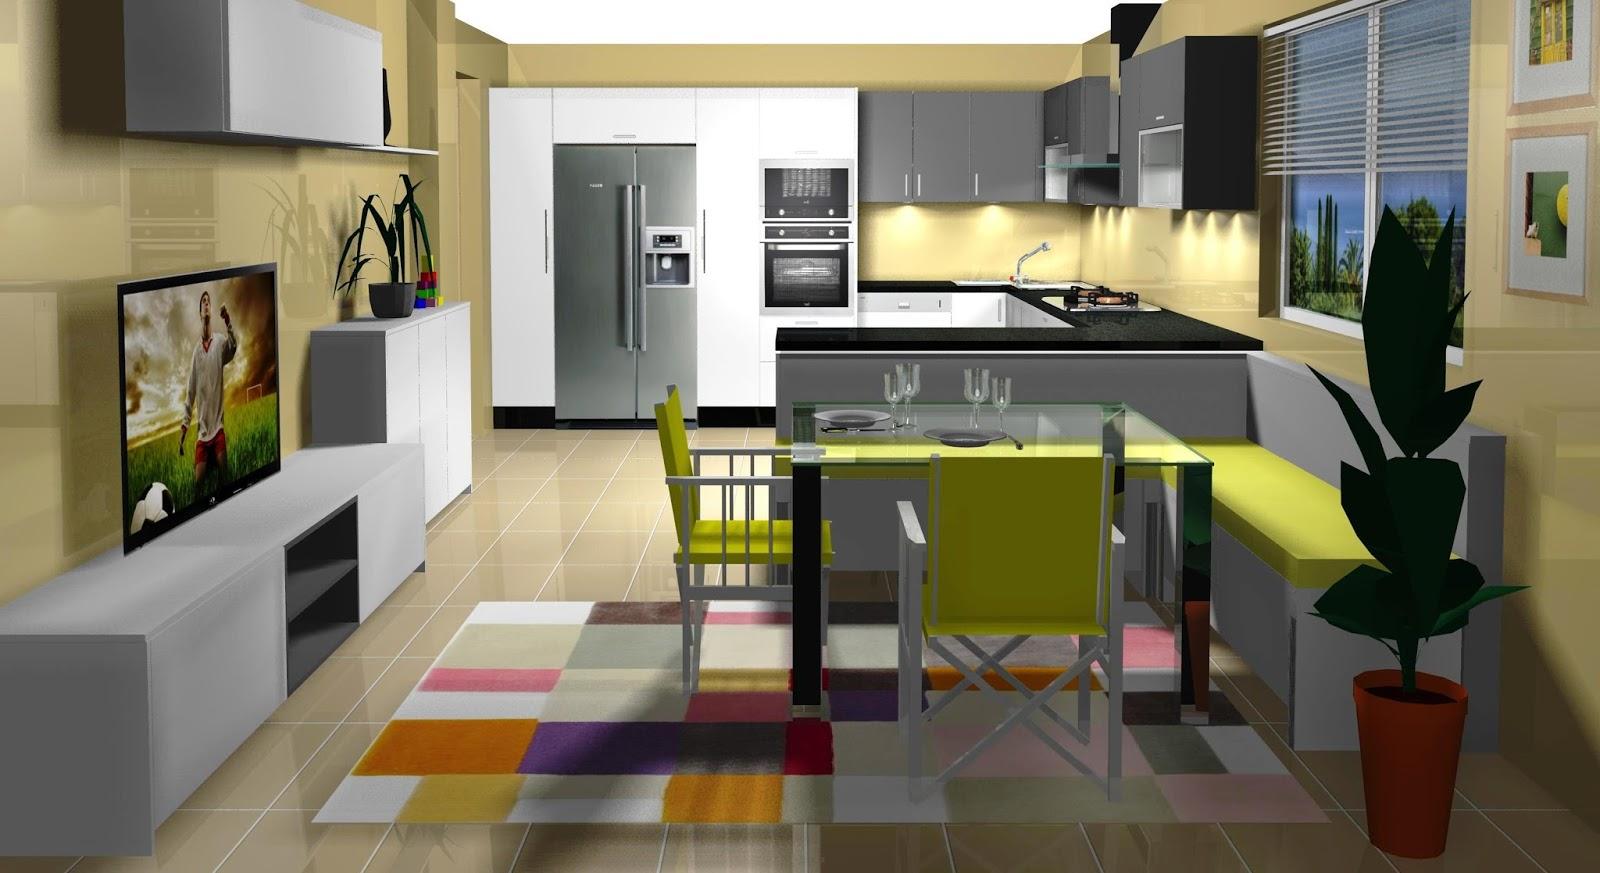 Dise o muebles de cocina dise o de cocina comedor for Disenos de muebles de cocina colgantes